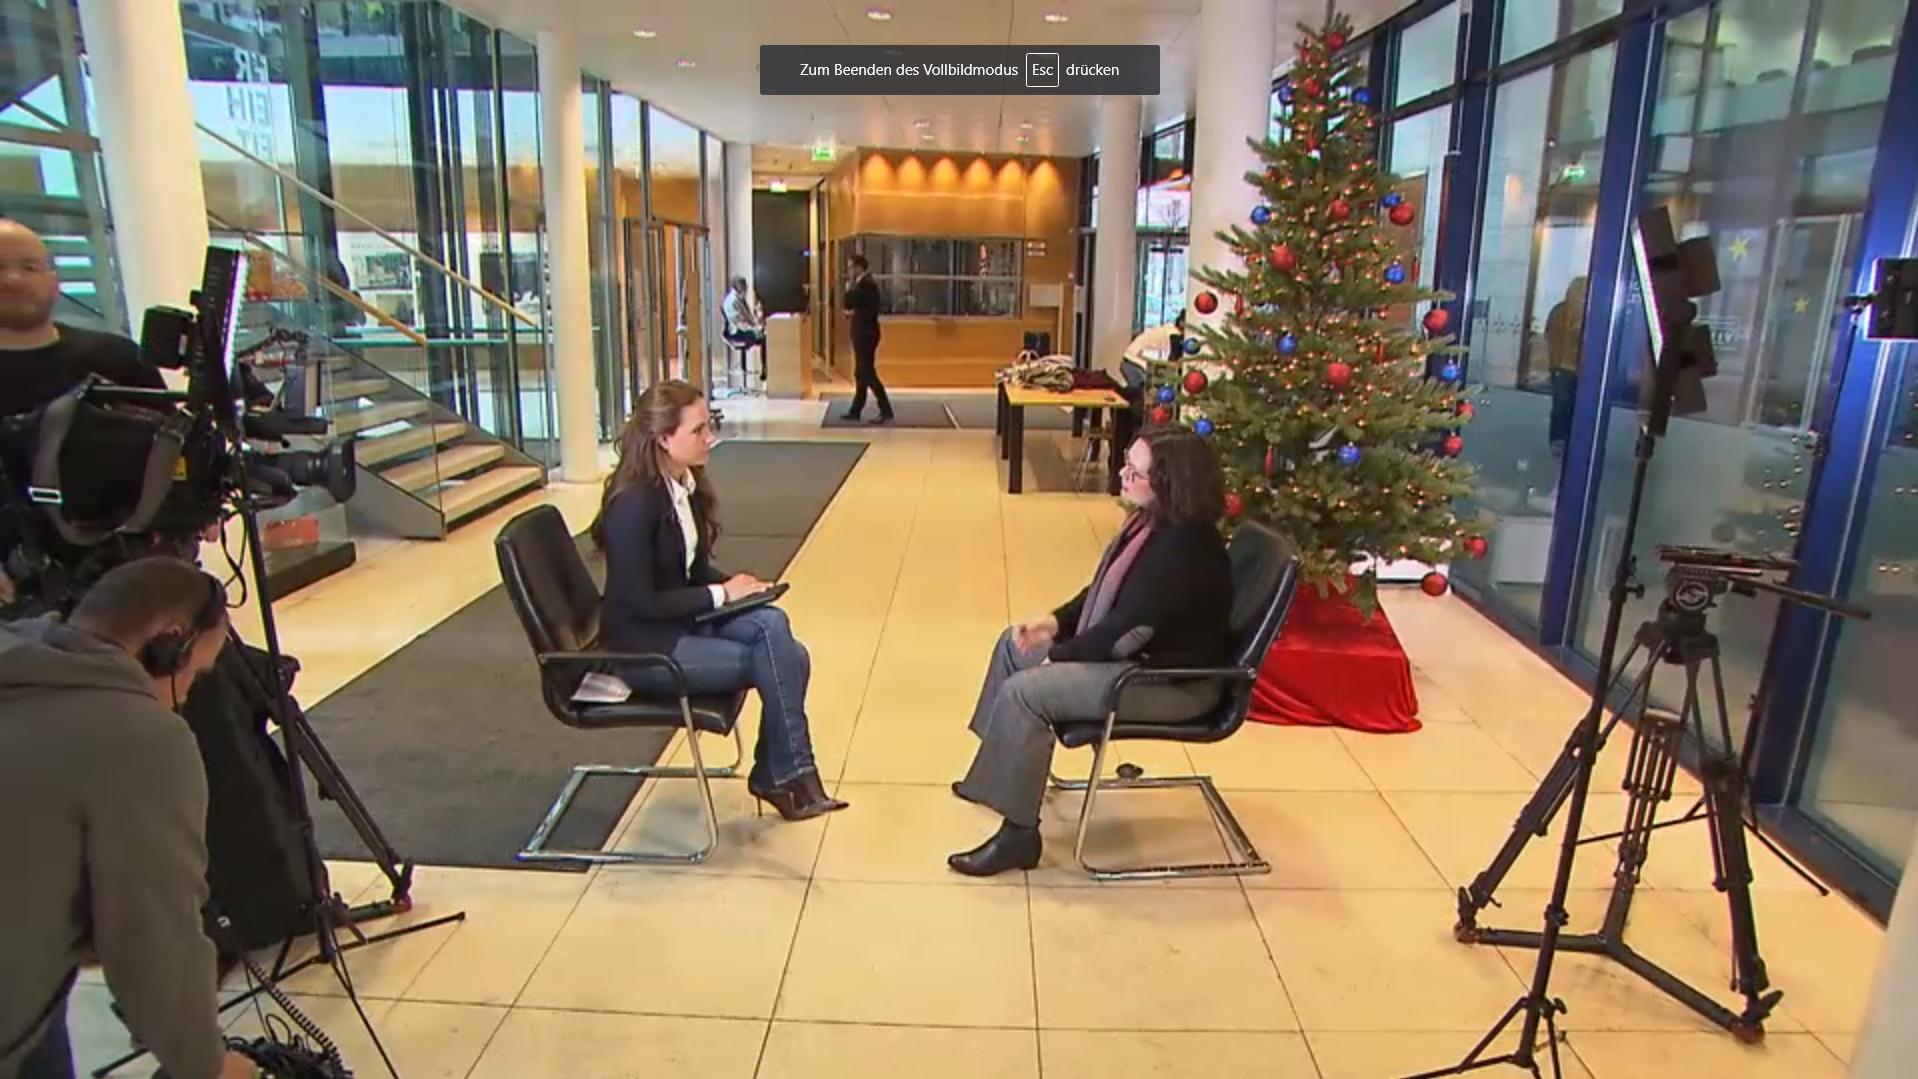 Rtl Weihnachten 2019.Spd Chefin Andrea Nahles Ganz Privat Im Rtl Interview So Feiert Sie